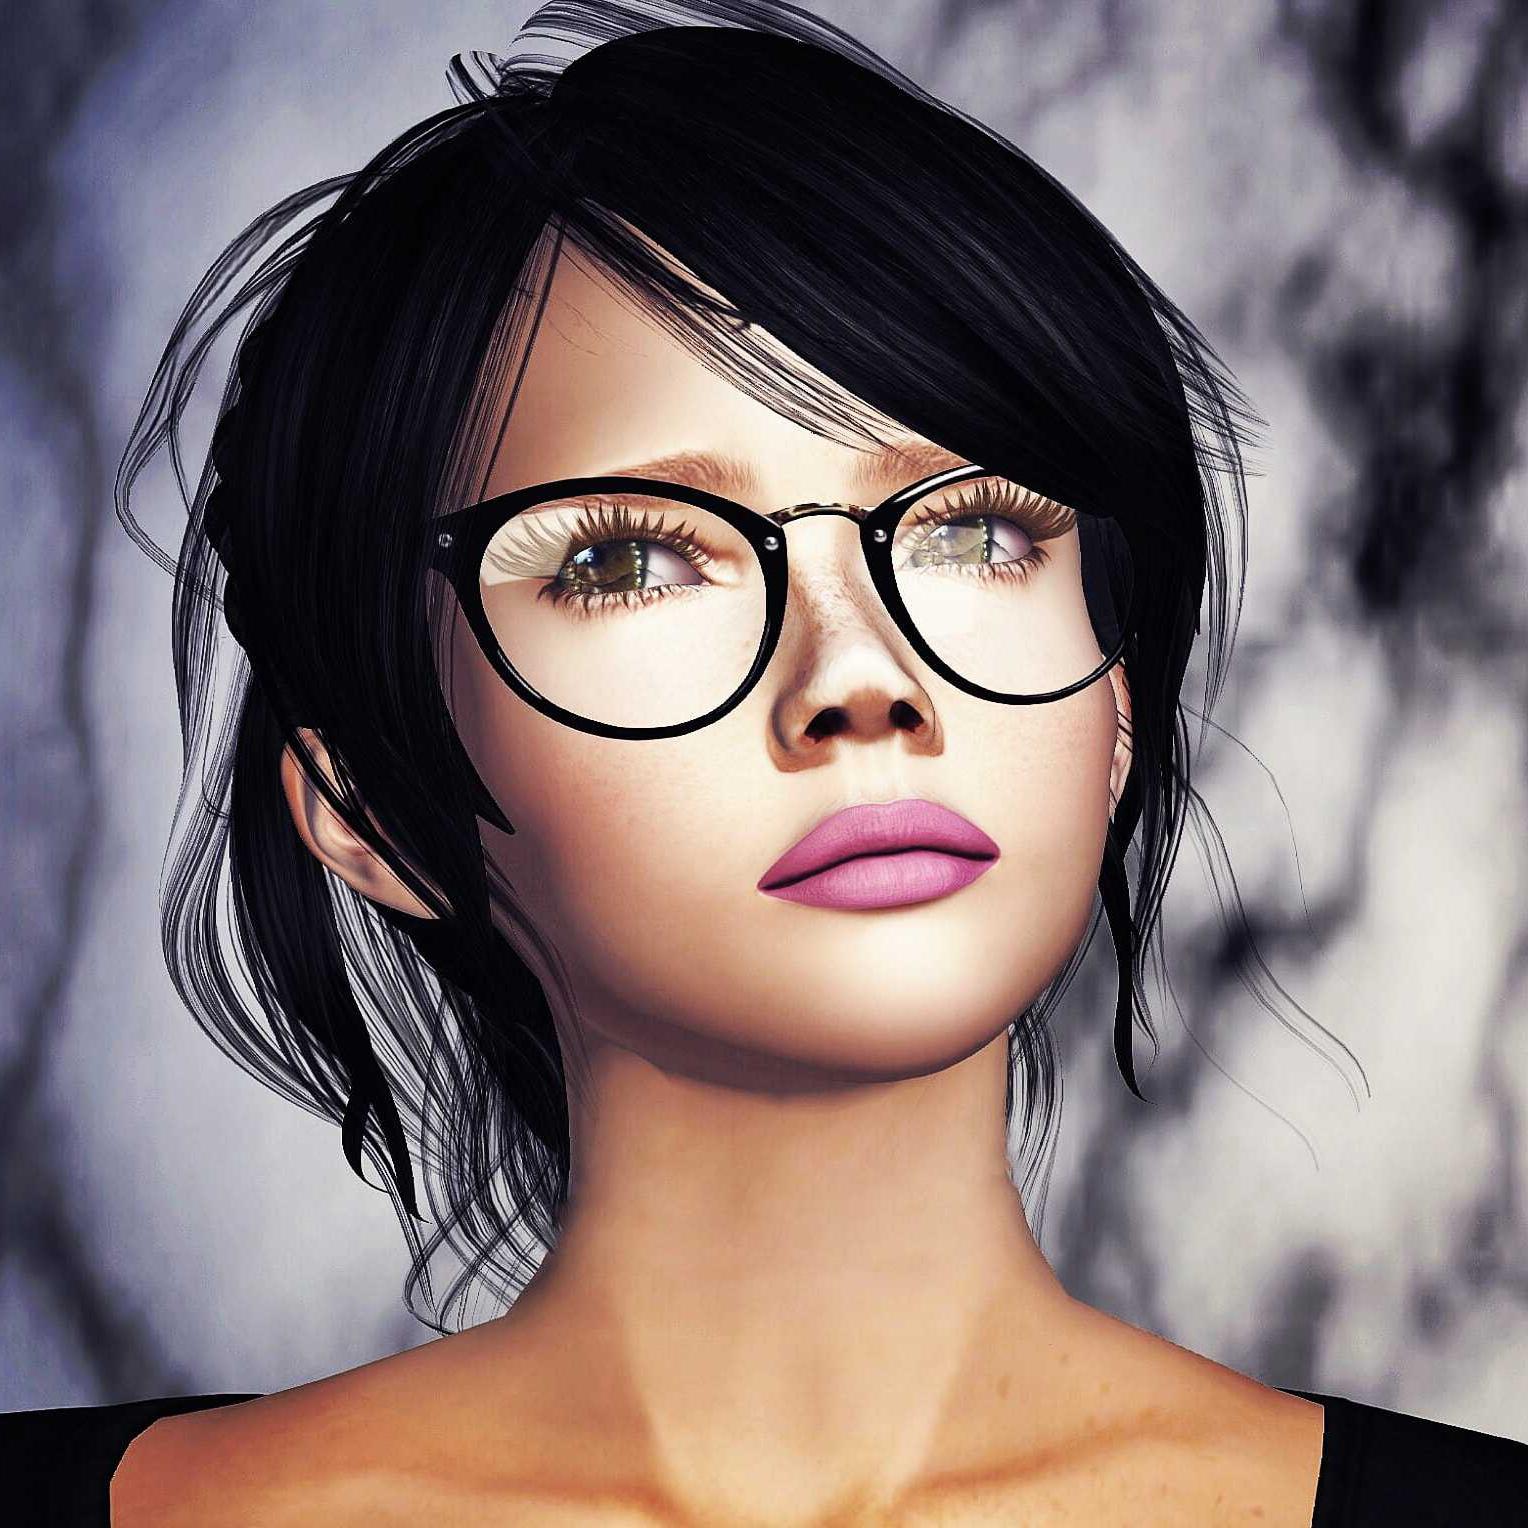 Antonia Ling